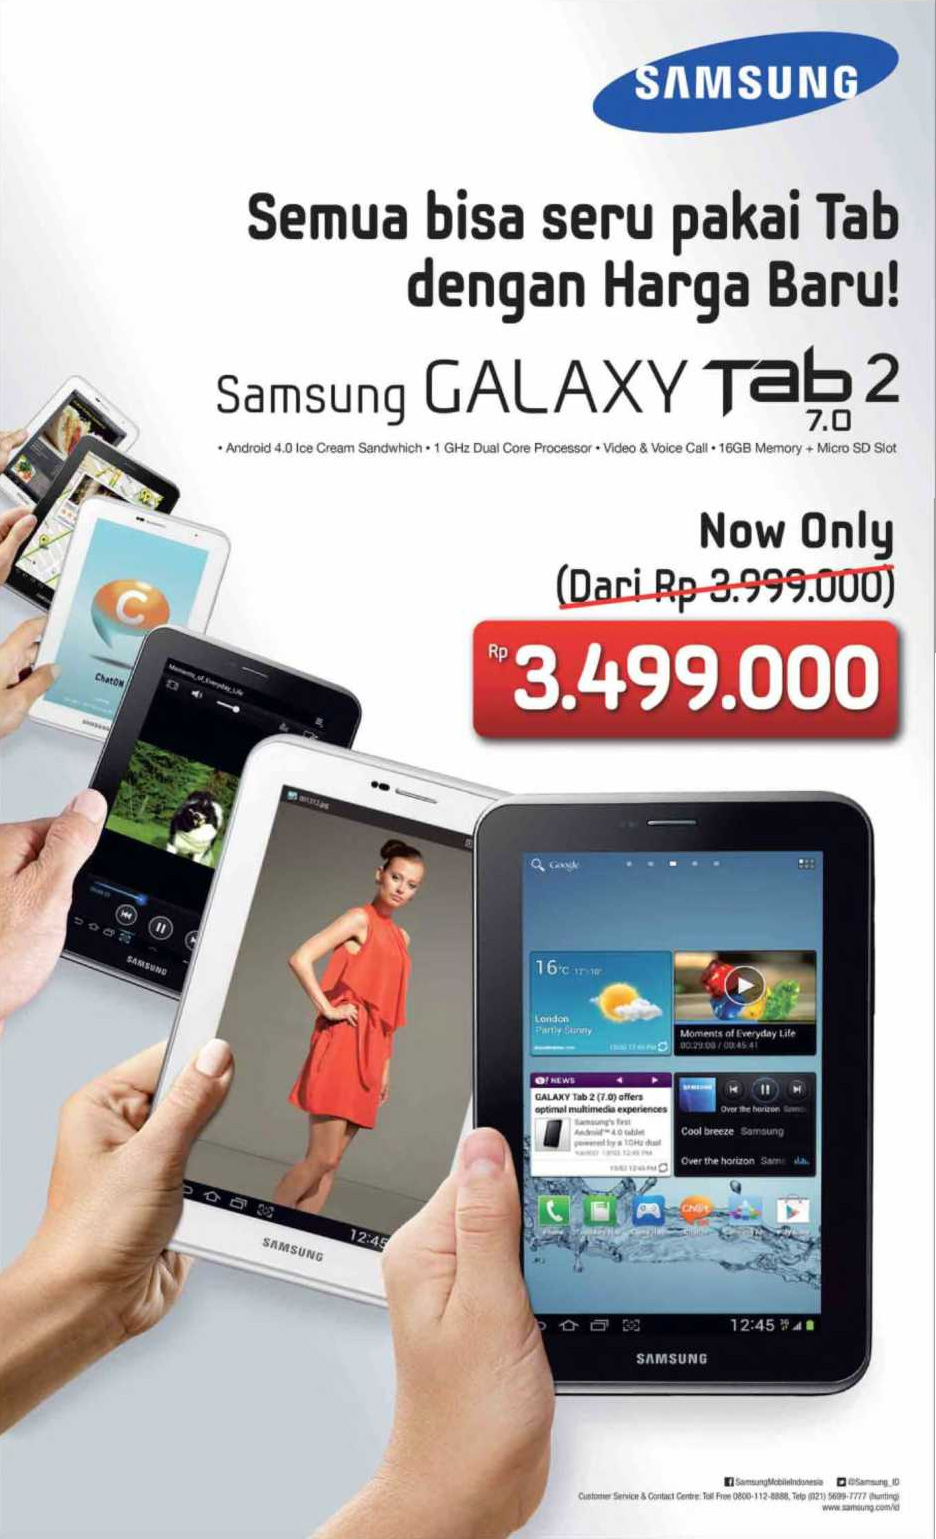 Harga Samsung Galaxy Tab 3 7 Inch | www.imgkid.com - The ...